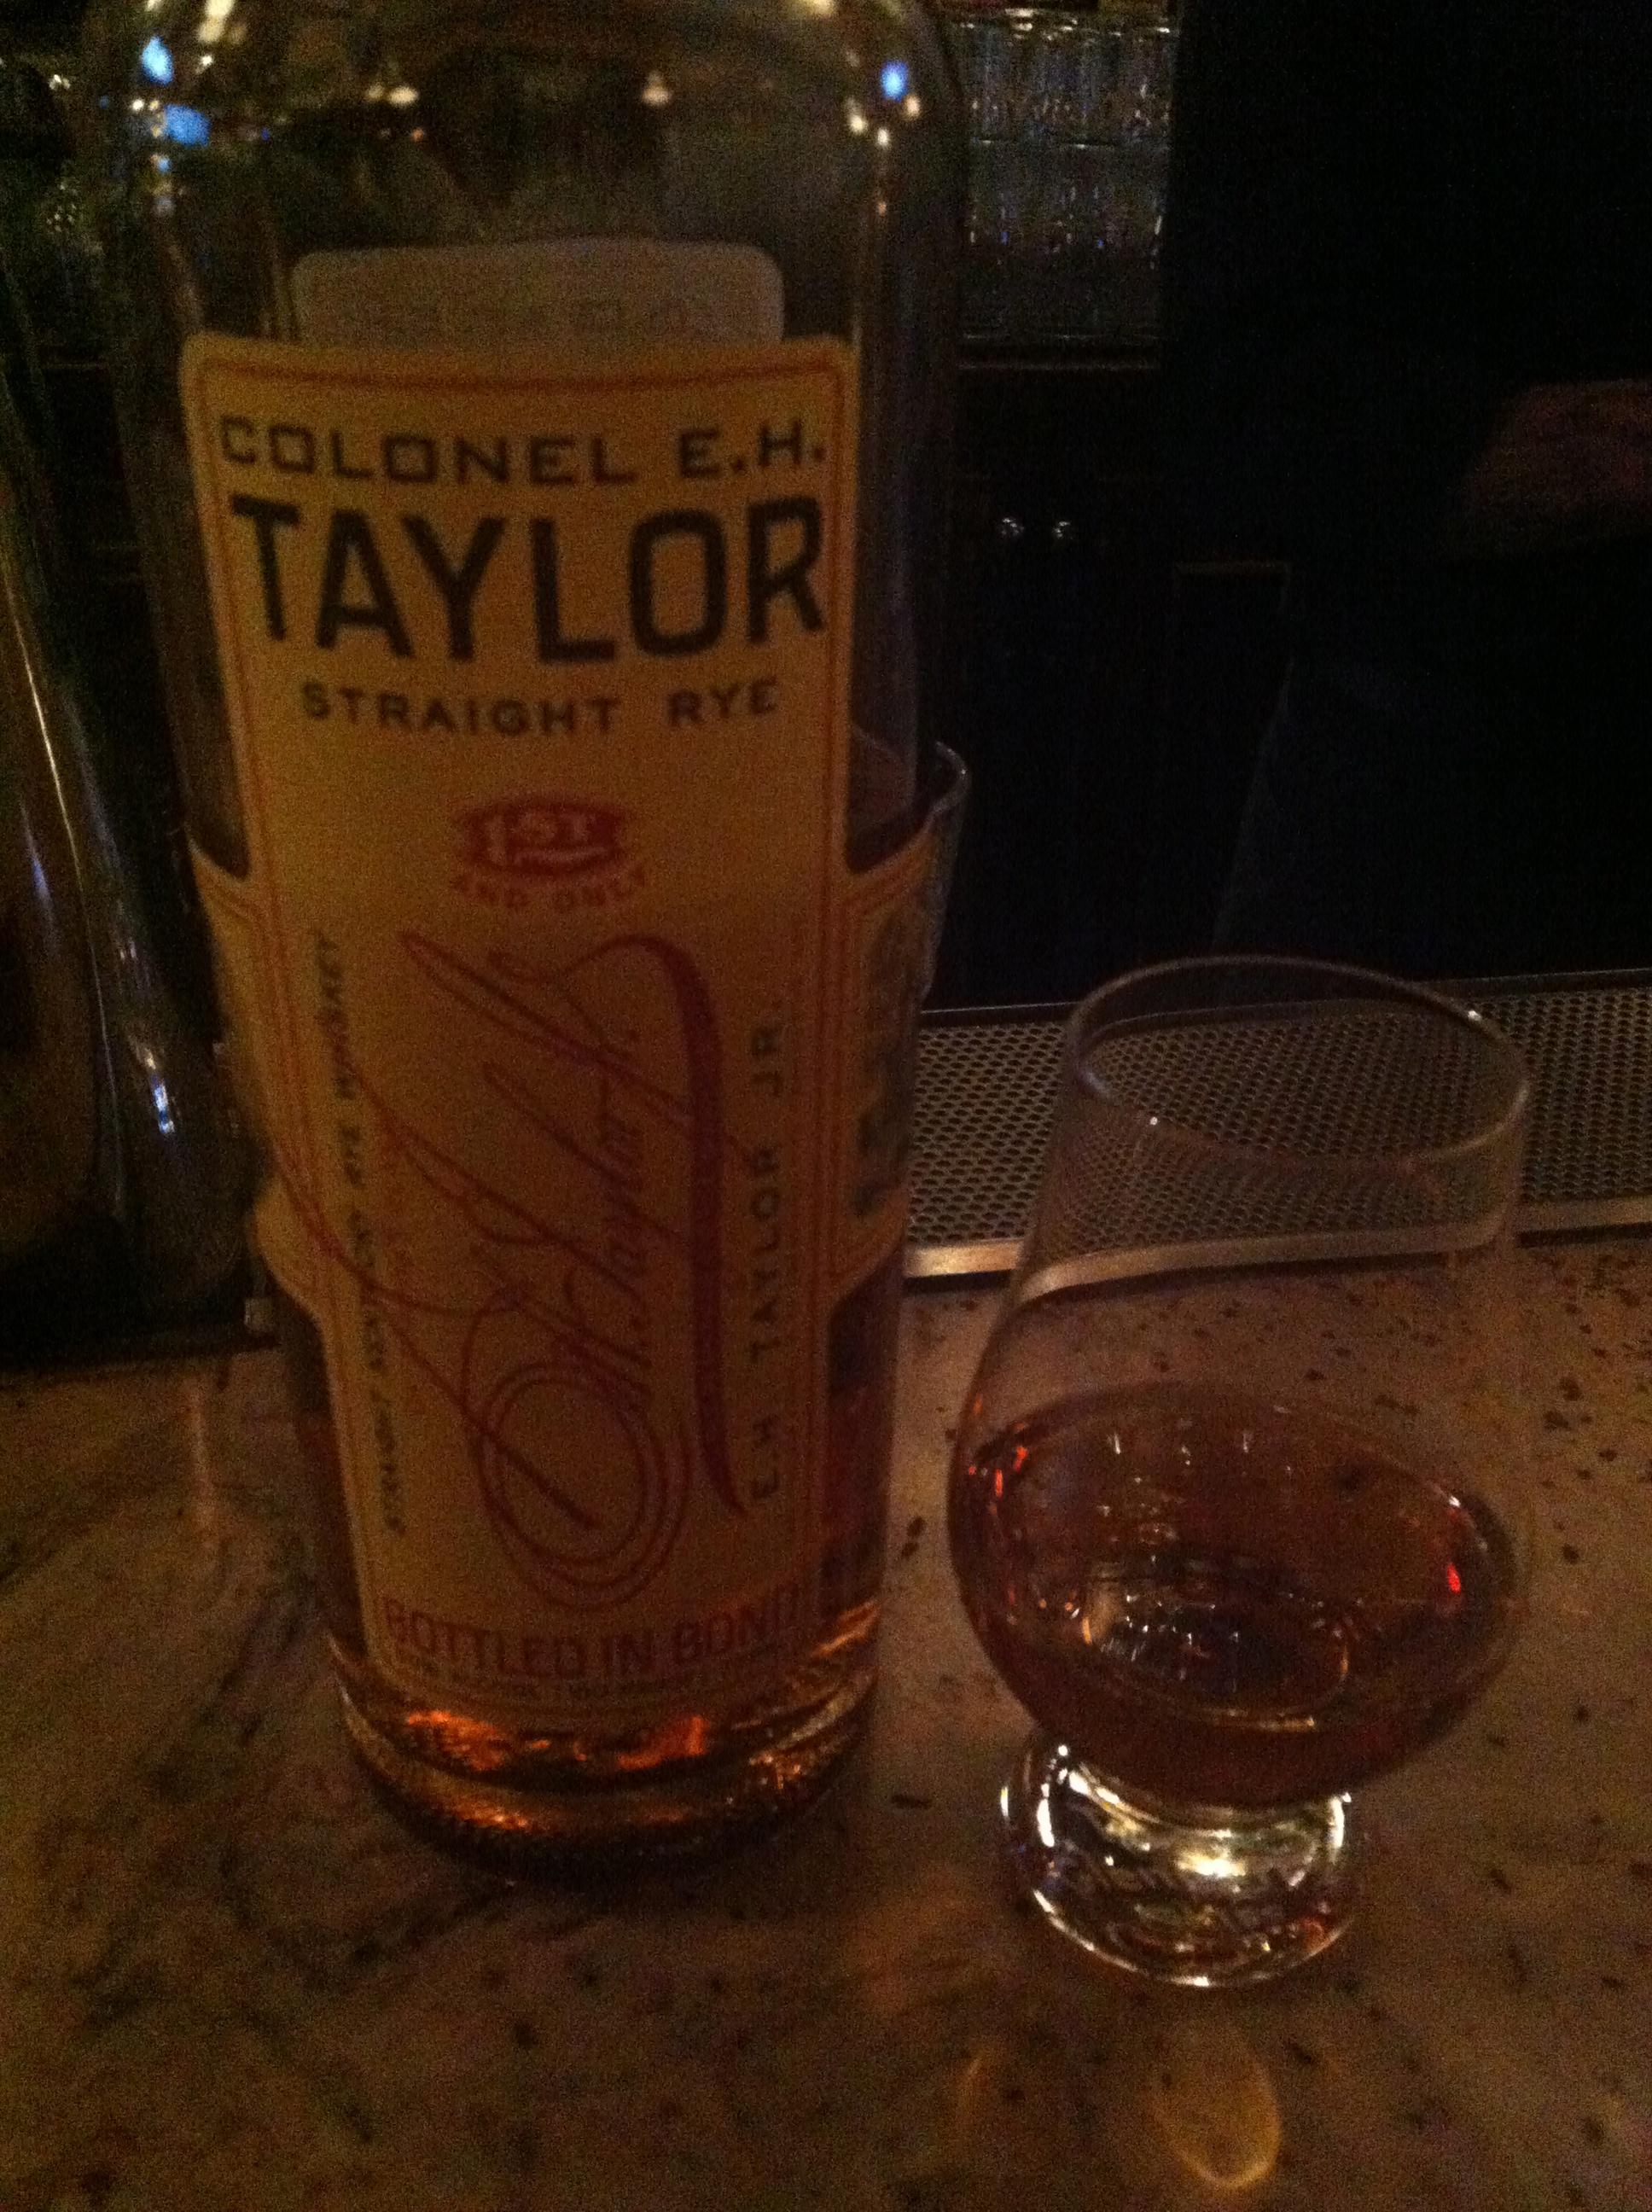 E.H. Taylor Rye